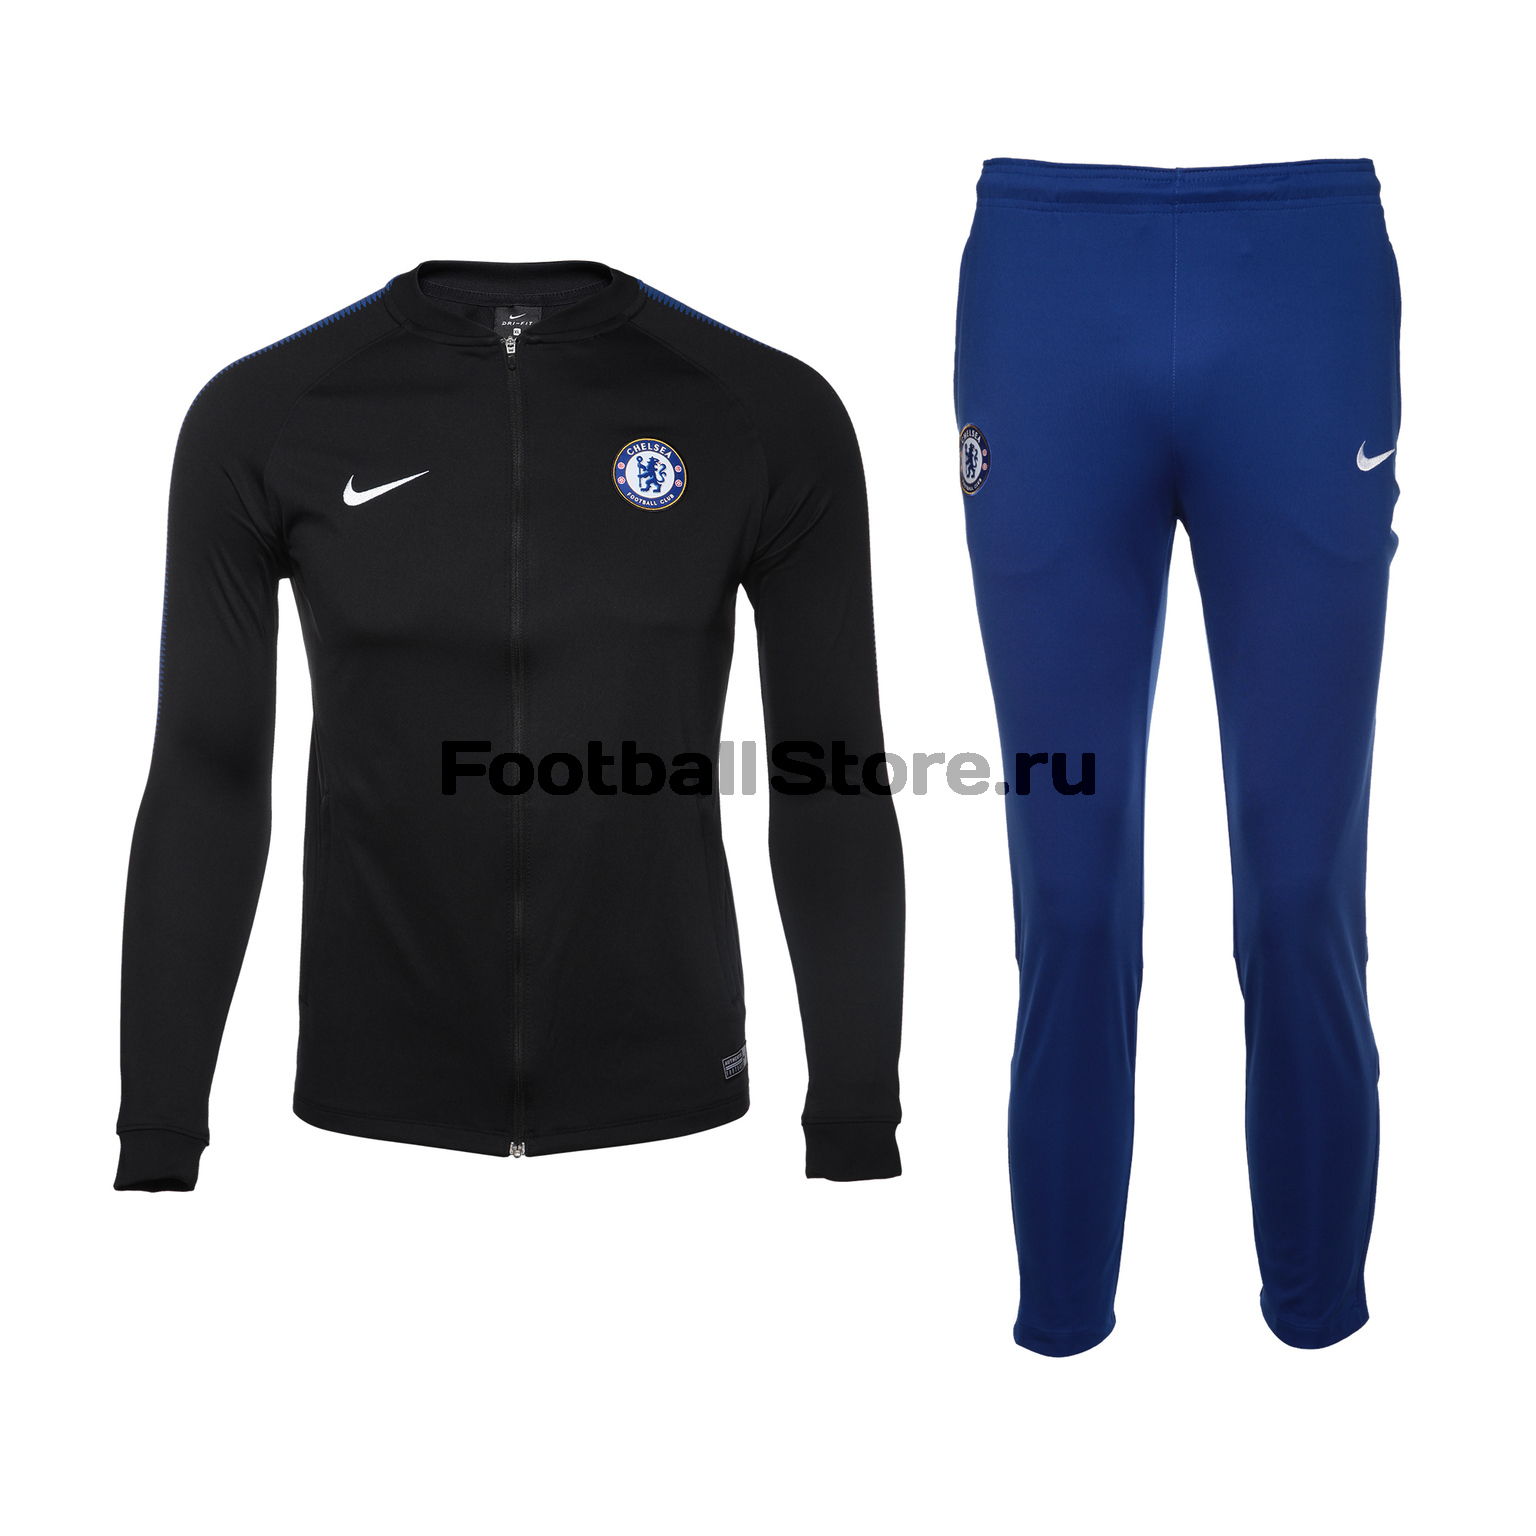 ... Спортивный костюм подростковый Nike Chelsea 905396-010. О ТОВАРЕ   РАСЧЕТ ДОСТАВКИ b14577dd87f